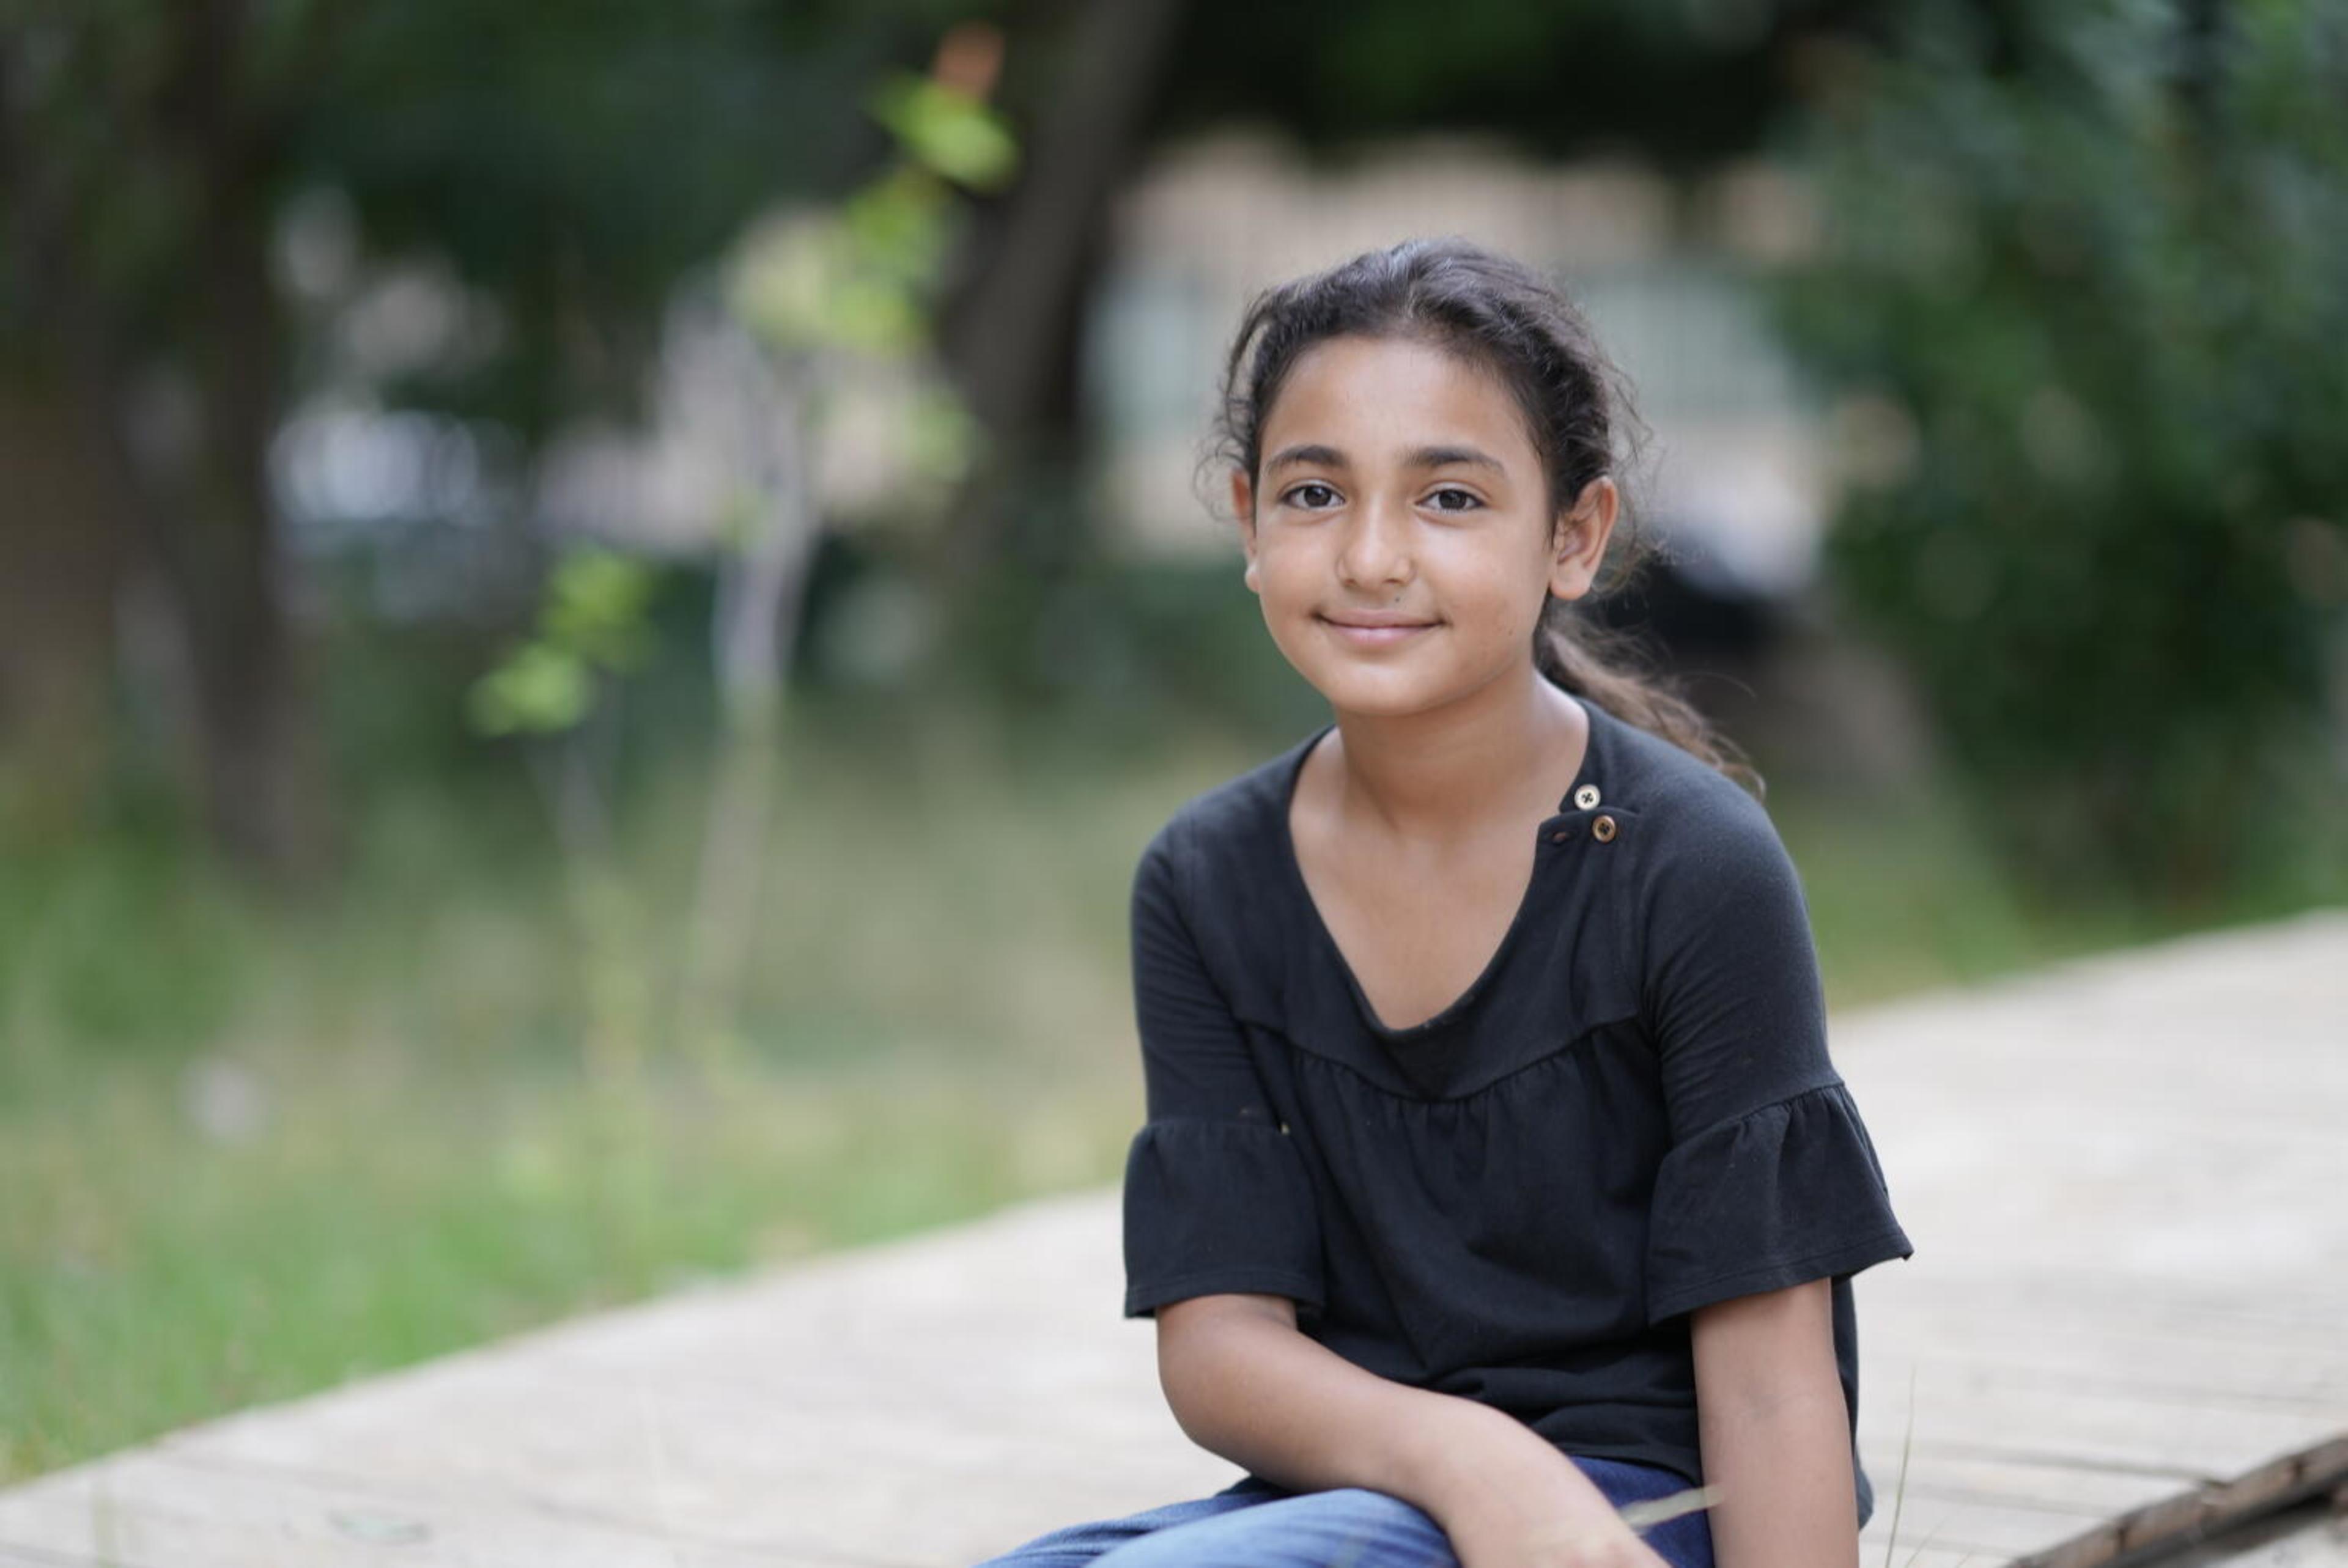 UNICEF/UN0495268/Choufany